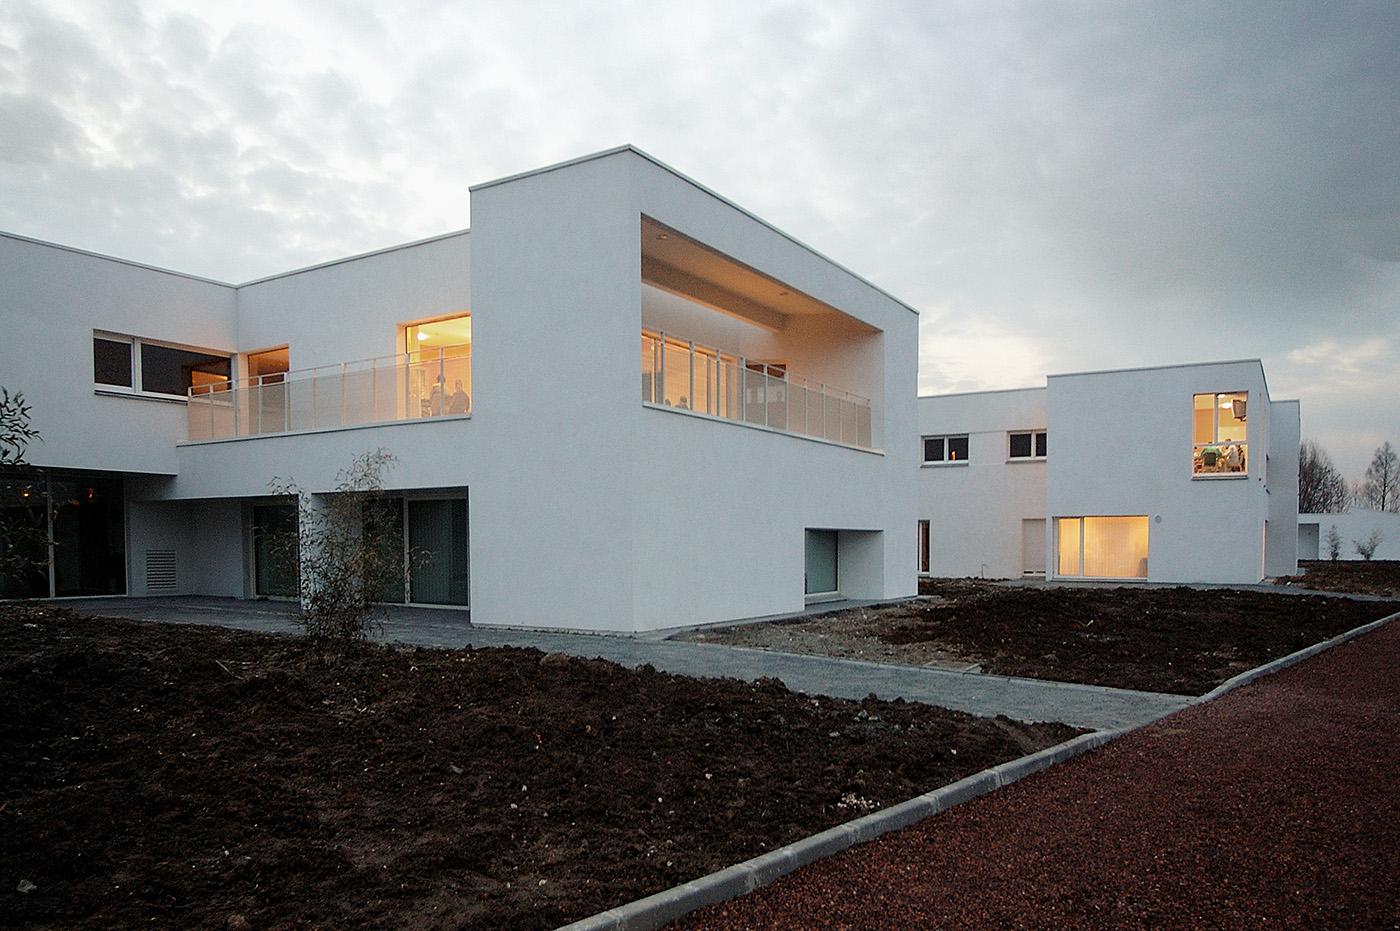 """pour Gilles FROMENT_architecte/PARALLELE-3 : Centre psychiatrique """"Les passerelles-La source"""" 03/03/2004 St Venant"""